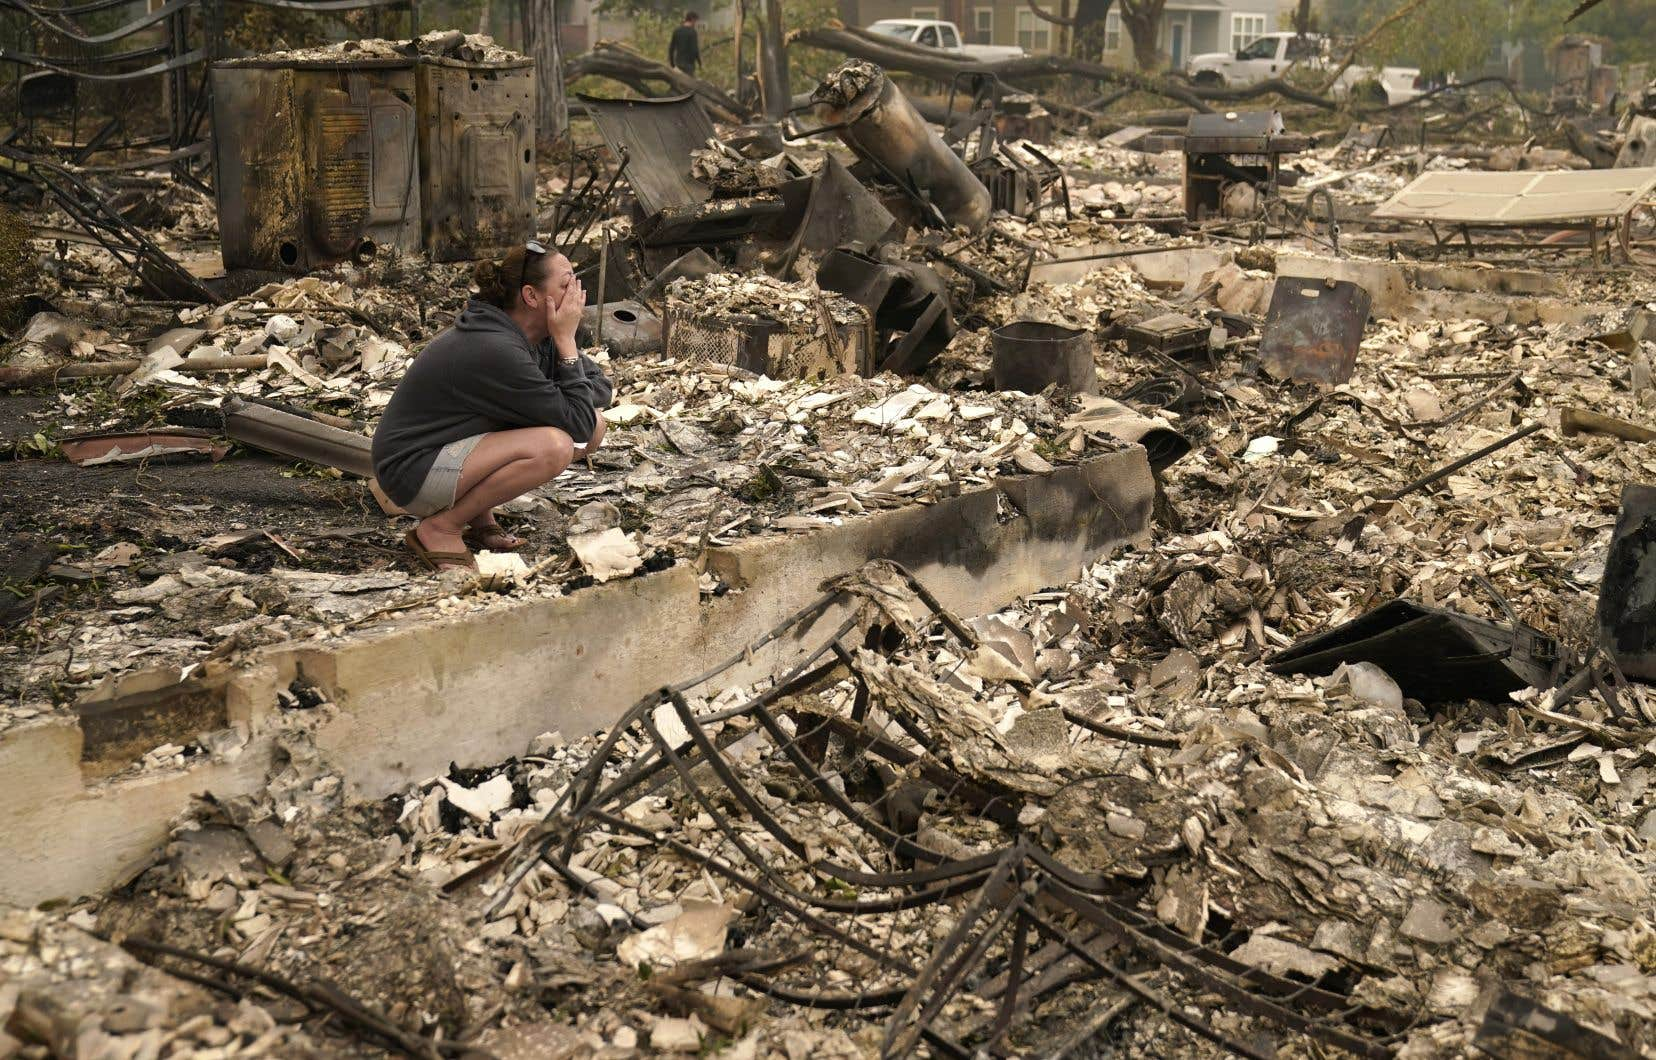 Plus de 400 000 hectares ont été parcourus par les flammes dans l'Oregon, où trois morts ont été recensés par les secours, qui sont sans nouvelles de dizaines d'autres personnes. Sur la photo, une femme pleure dans les décombres de sa maison ravagée par un incendie cette semaine, à Talent, en Oregon.